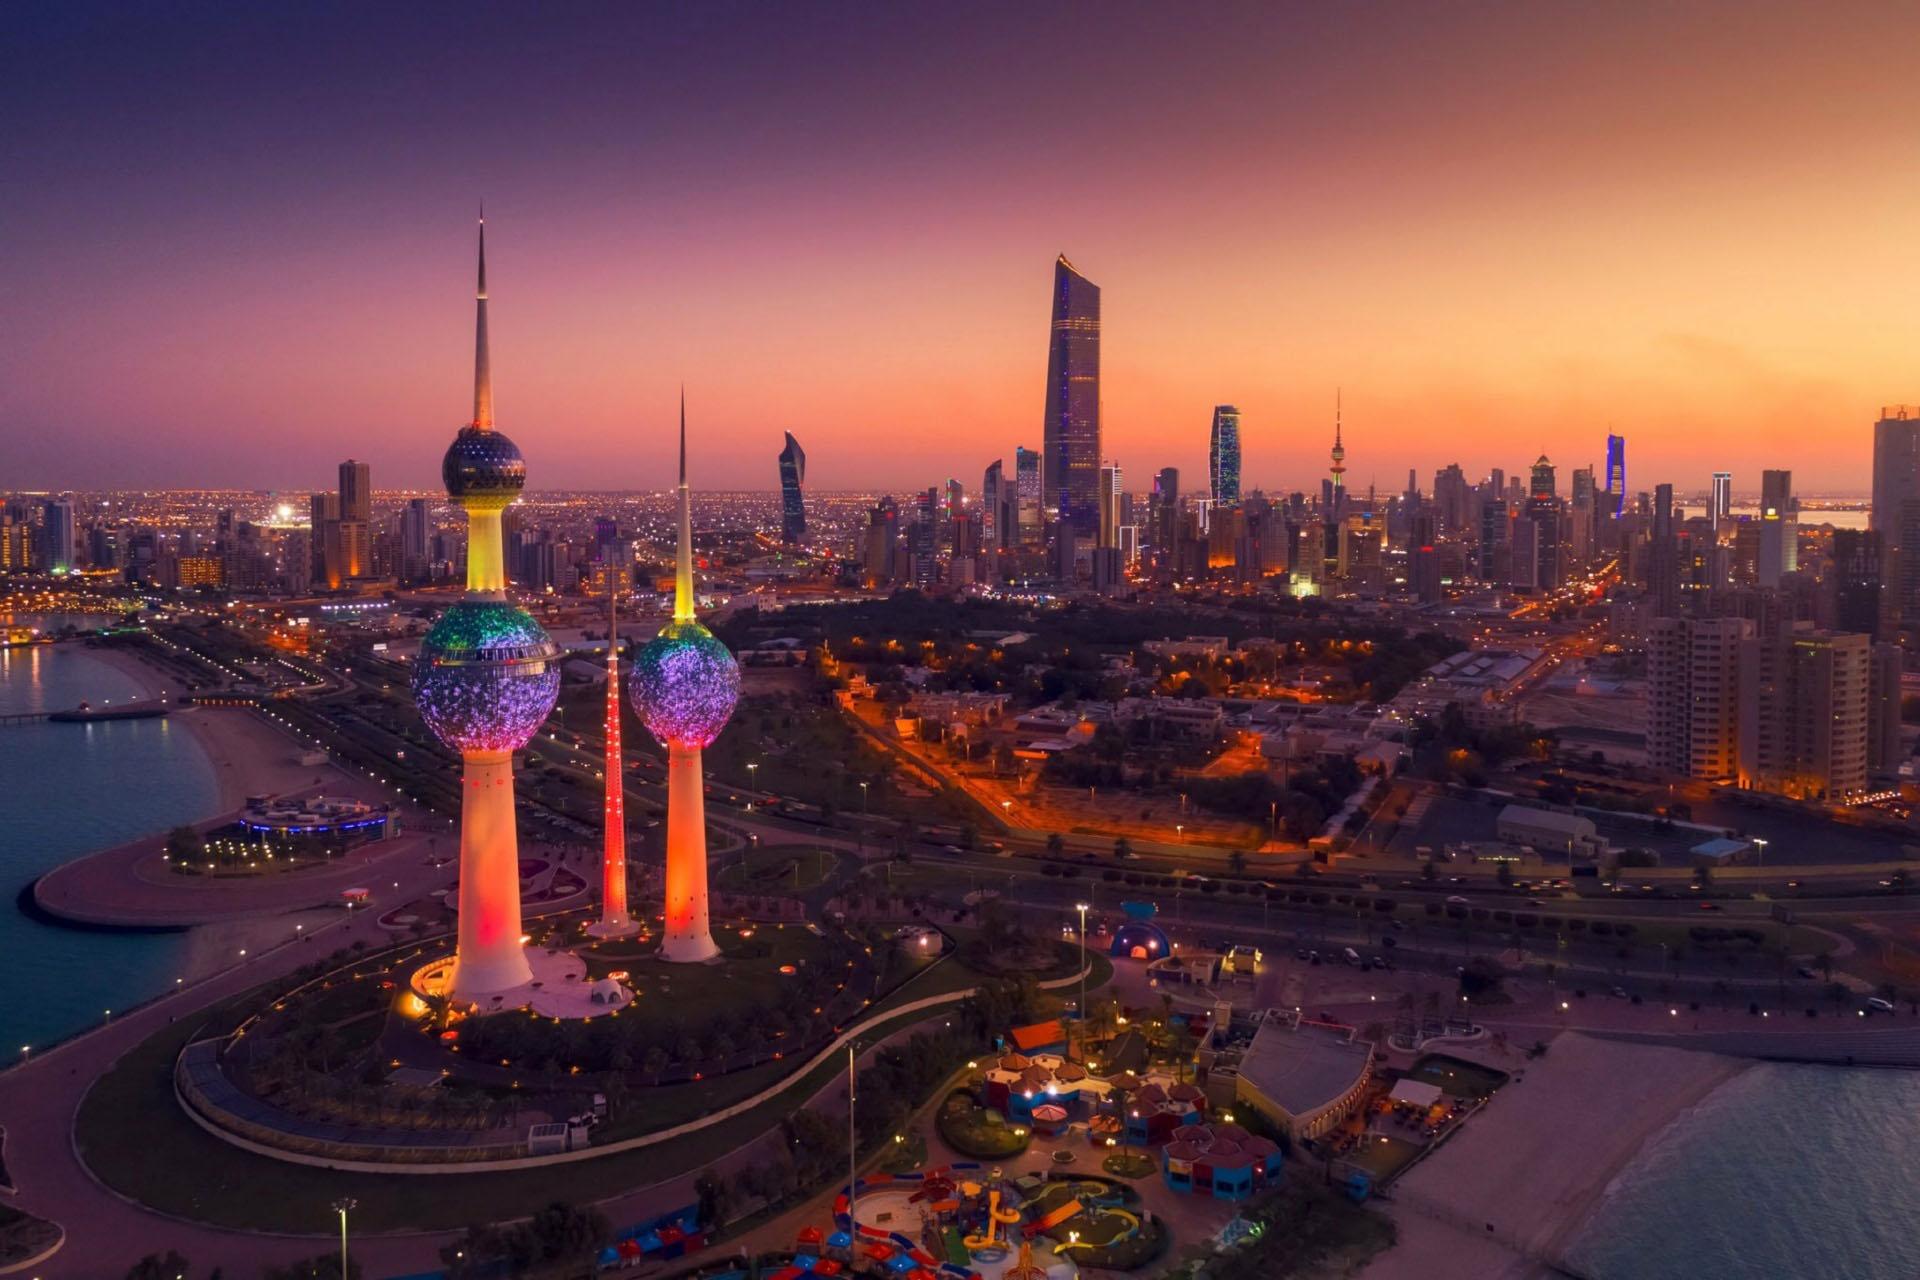 夜のクウェートの風景 クウェートの夜景